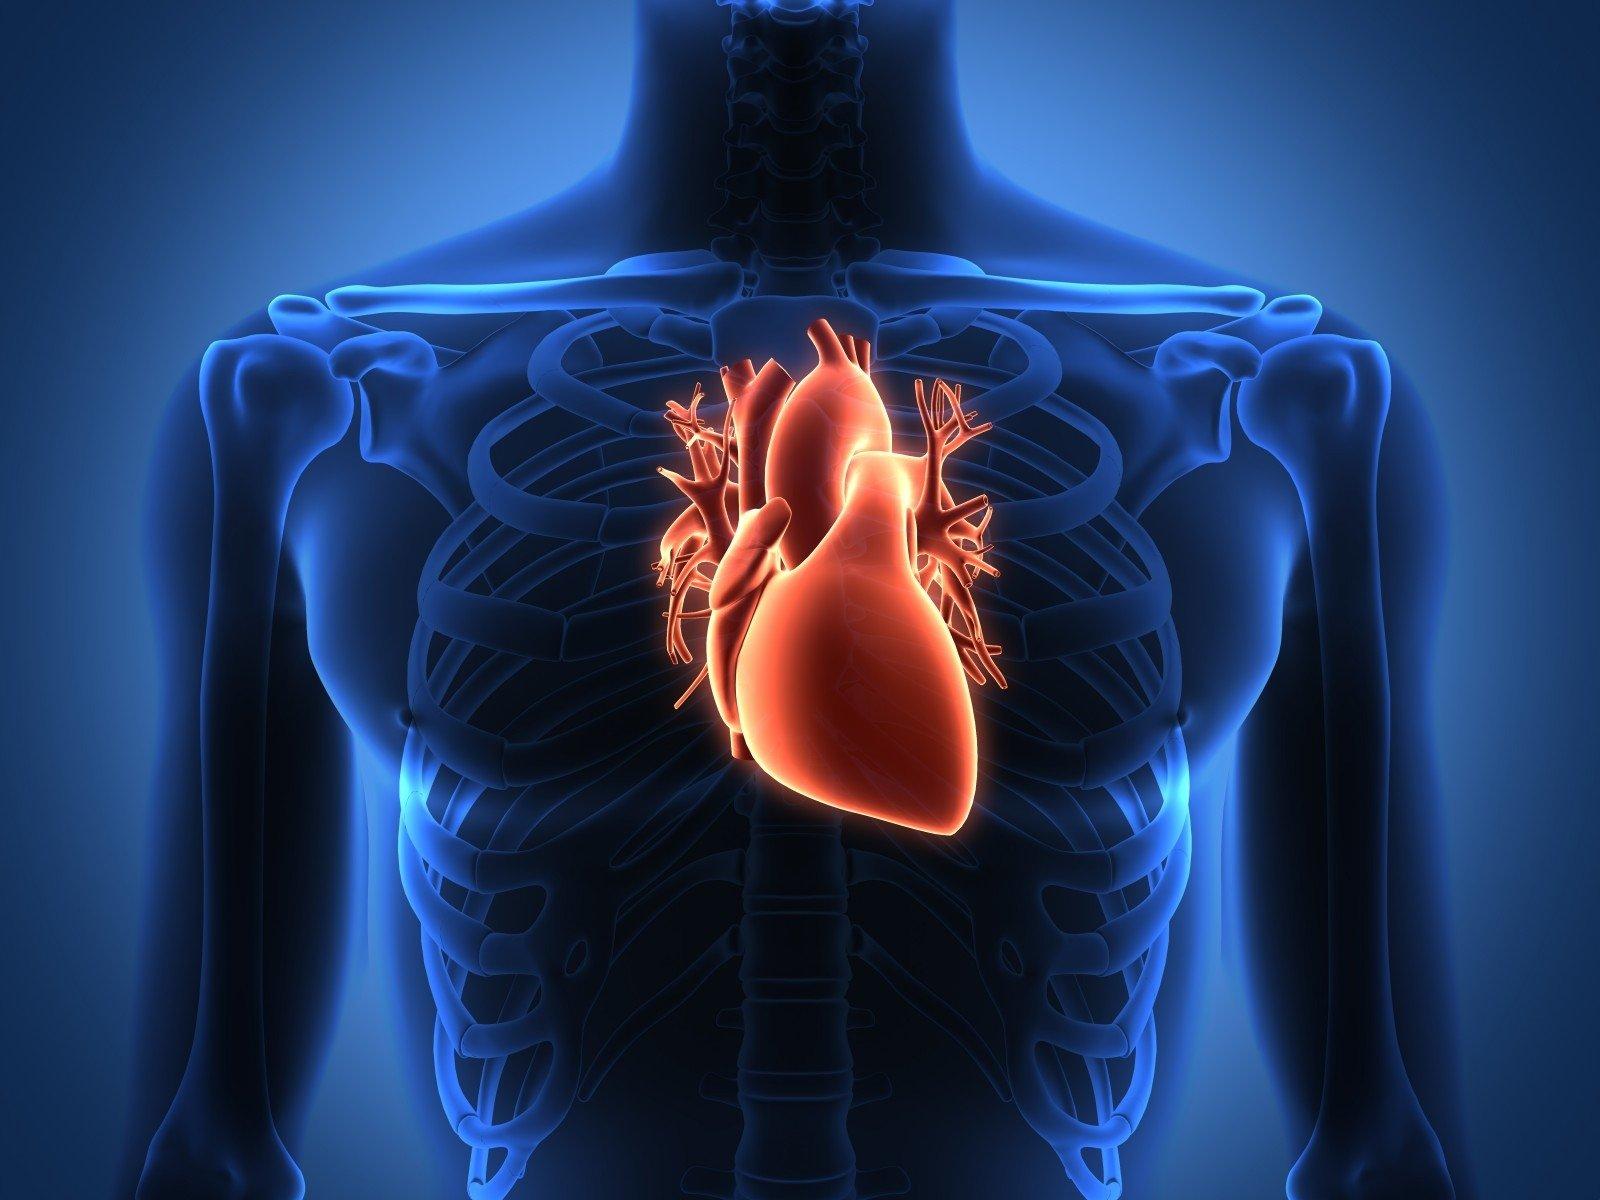 5 didžiausi mitai apie širdies ligas